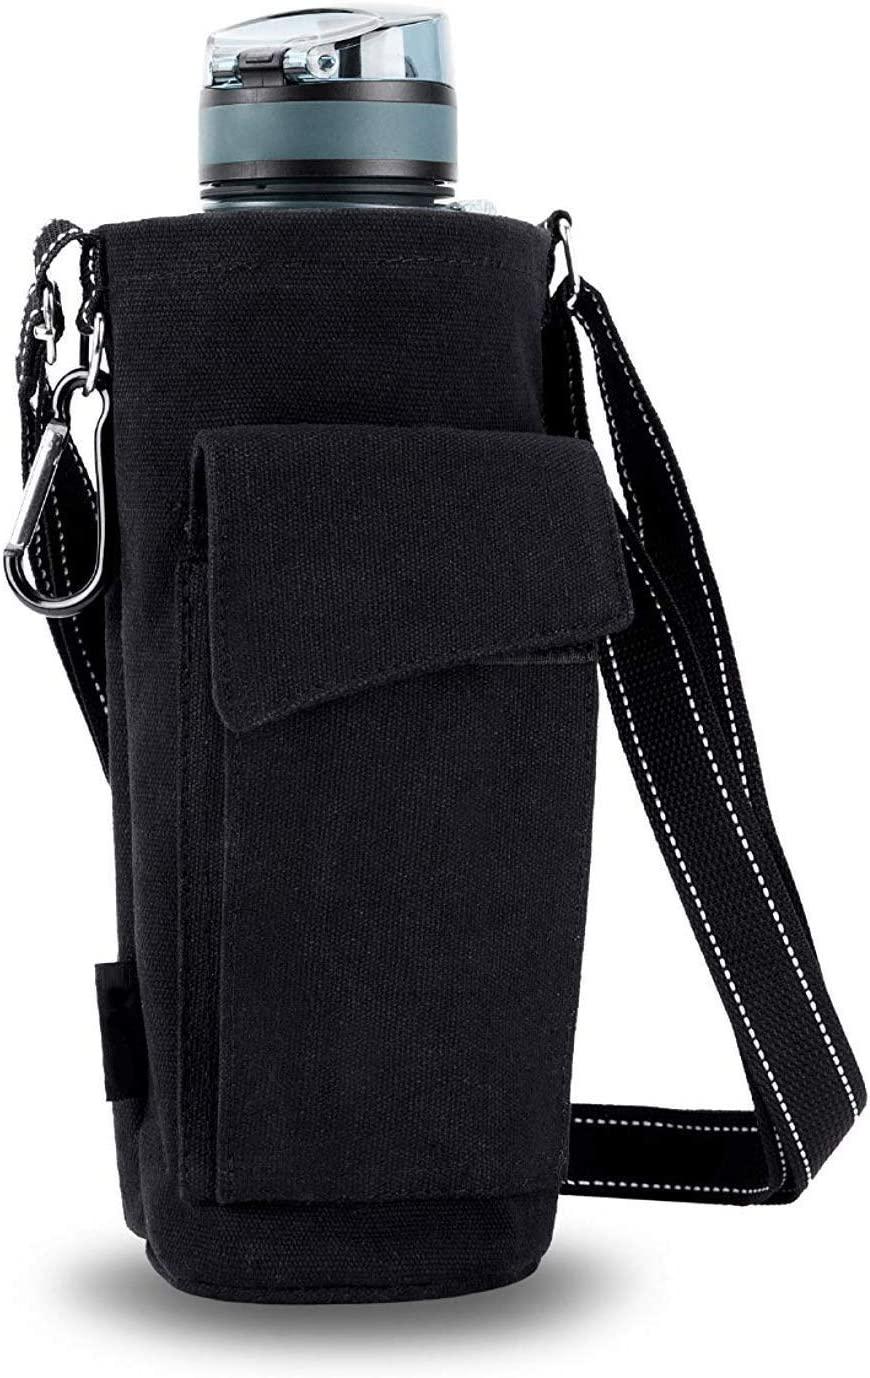 POPRUN Water Bottle Holder for Walking, 50oz Water Bottle Carrier Pouch Bag with Adjustable Shoulder/Hand Strap 2 Pockets for Biking/Hiking/Travel/Camping, Black